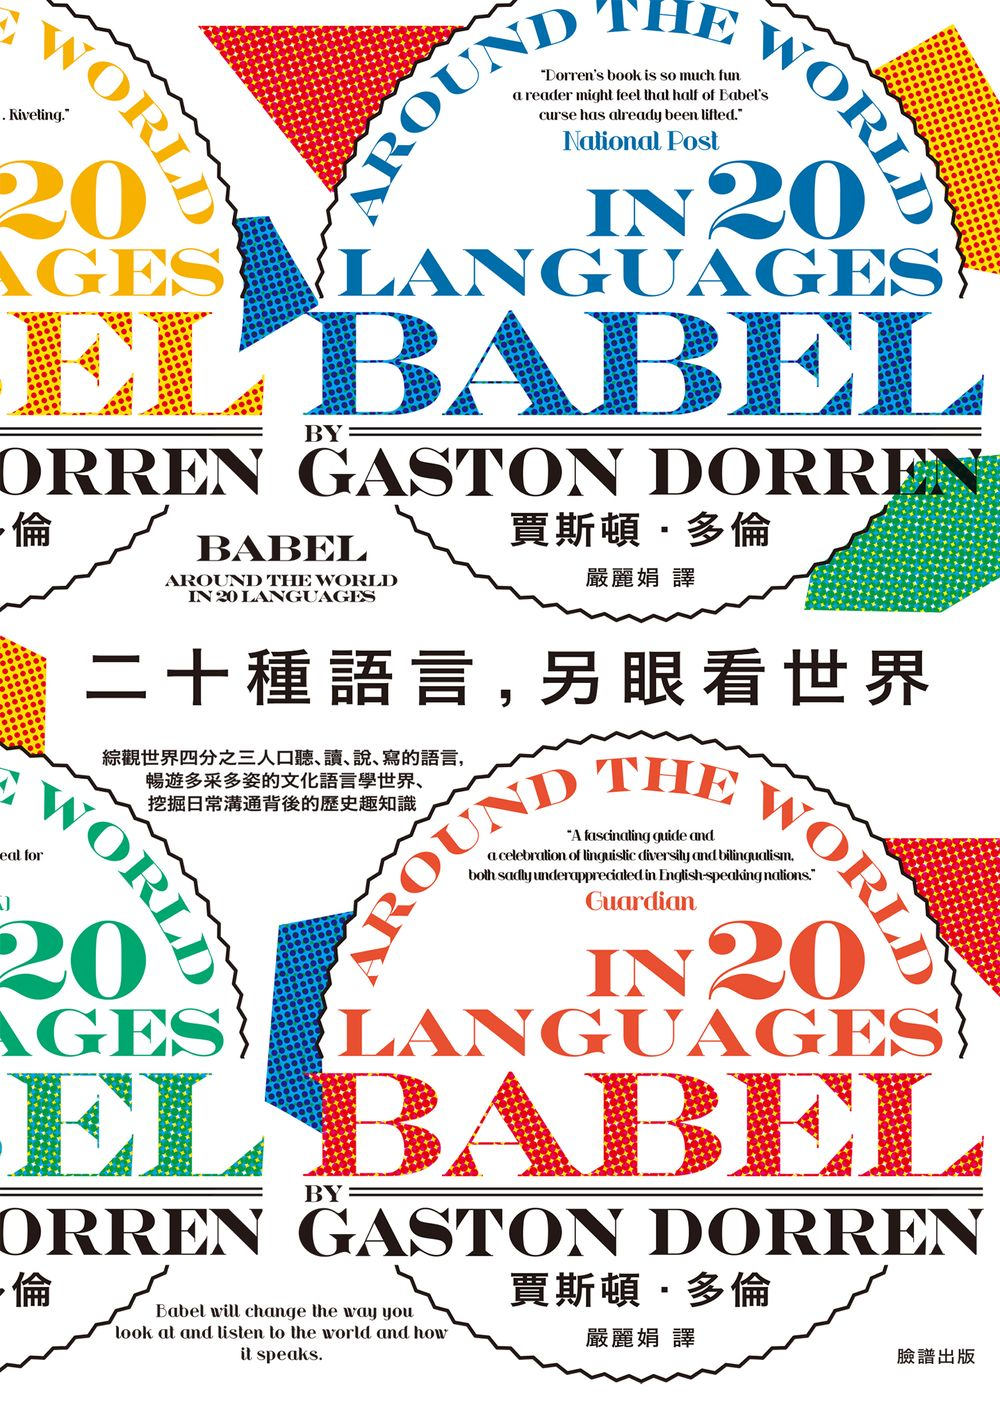 二十種語言,另眼看世界:綜觀世界四分之三人口聽、讀、說、寫的語言,暢遊多采多姿的文化語言學世界、挖掘日常溝通背後的歷史趣知識 (電子書)